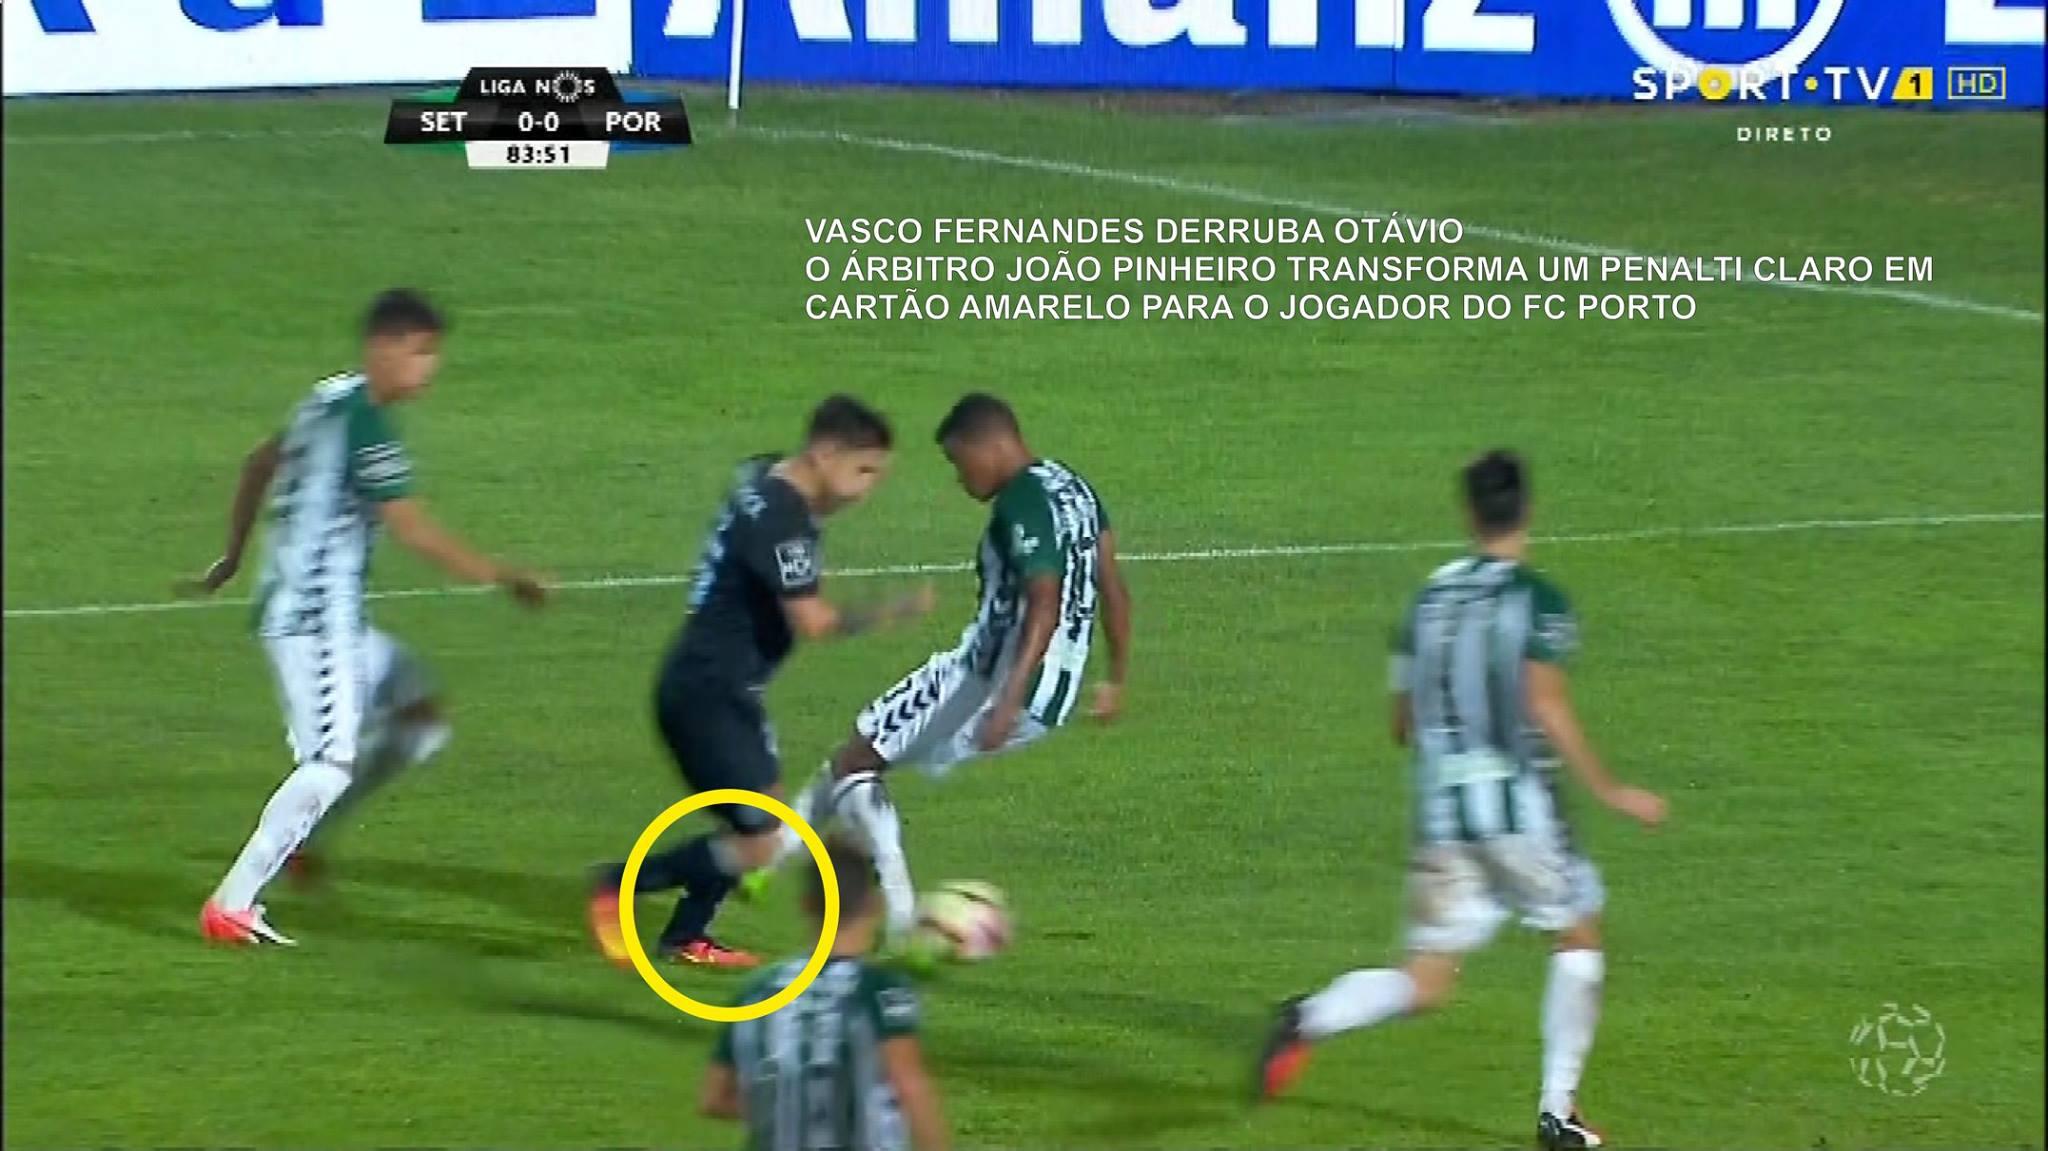 Quando tencionam penalizar o FC Porto por criticar a arbitragem?